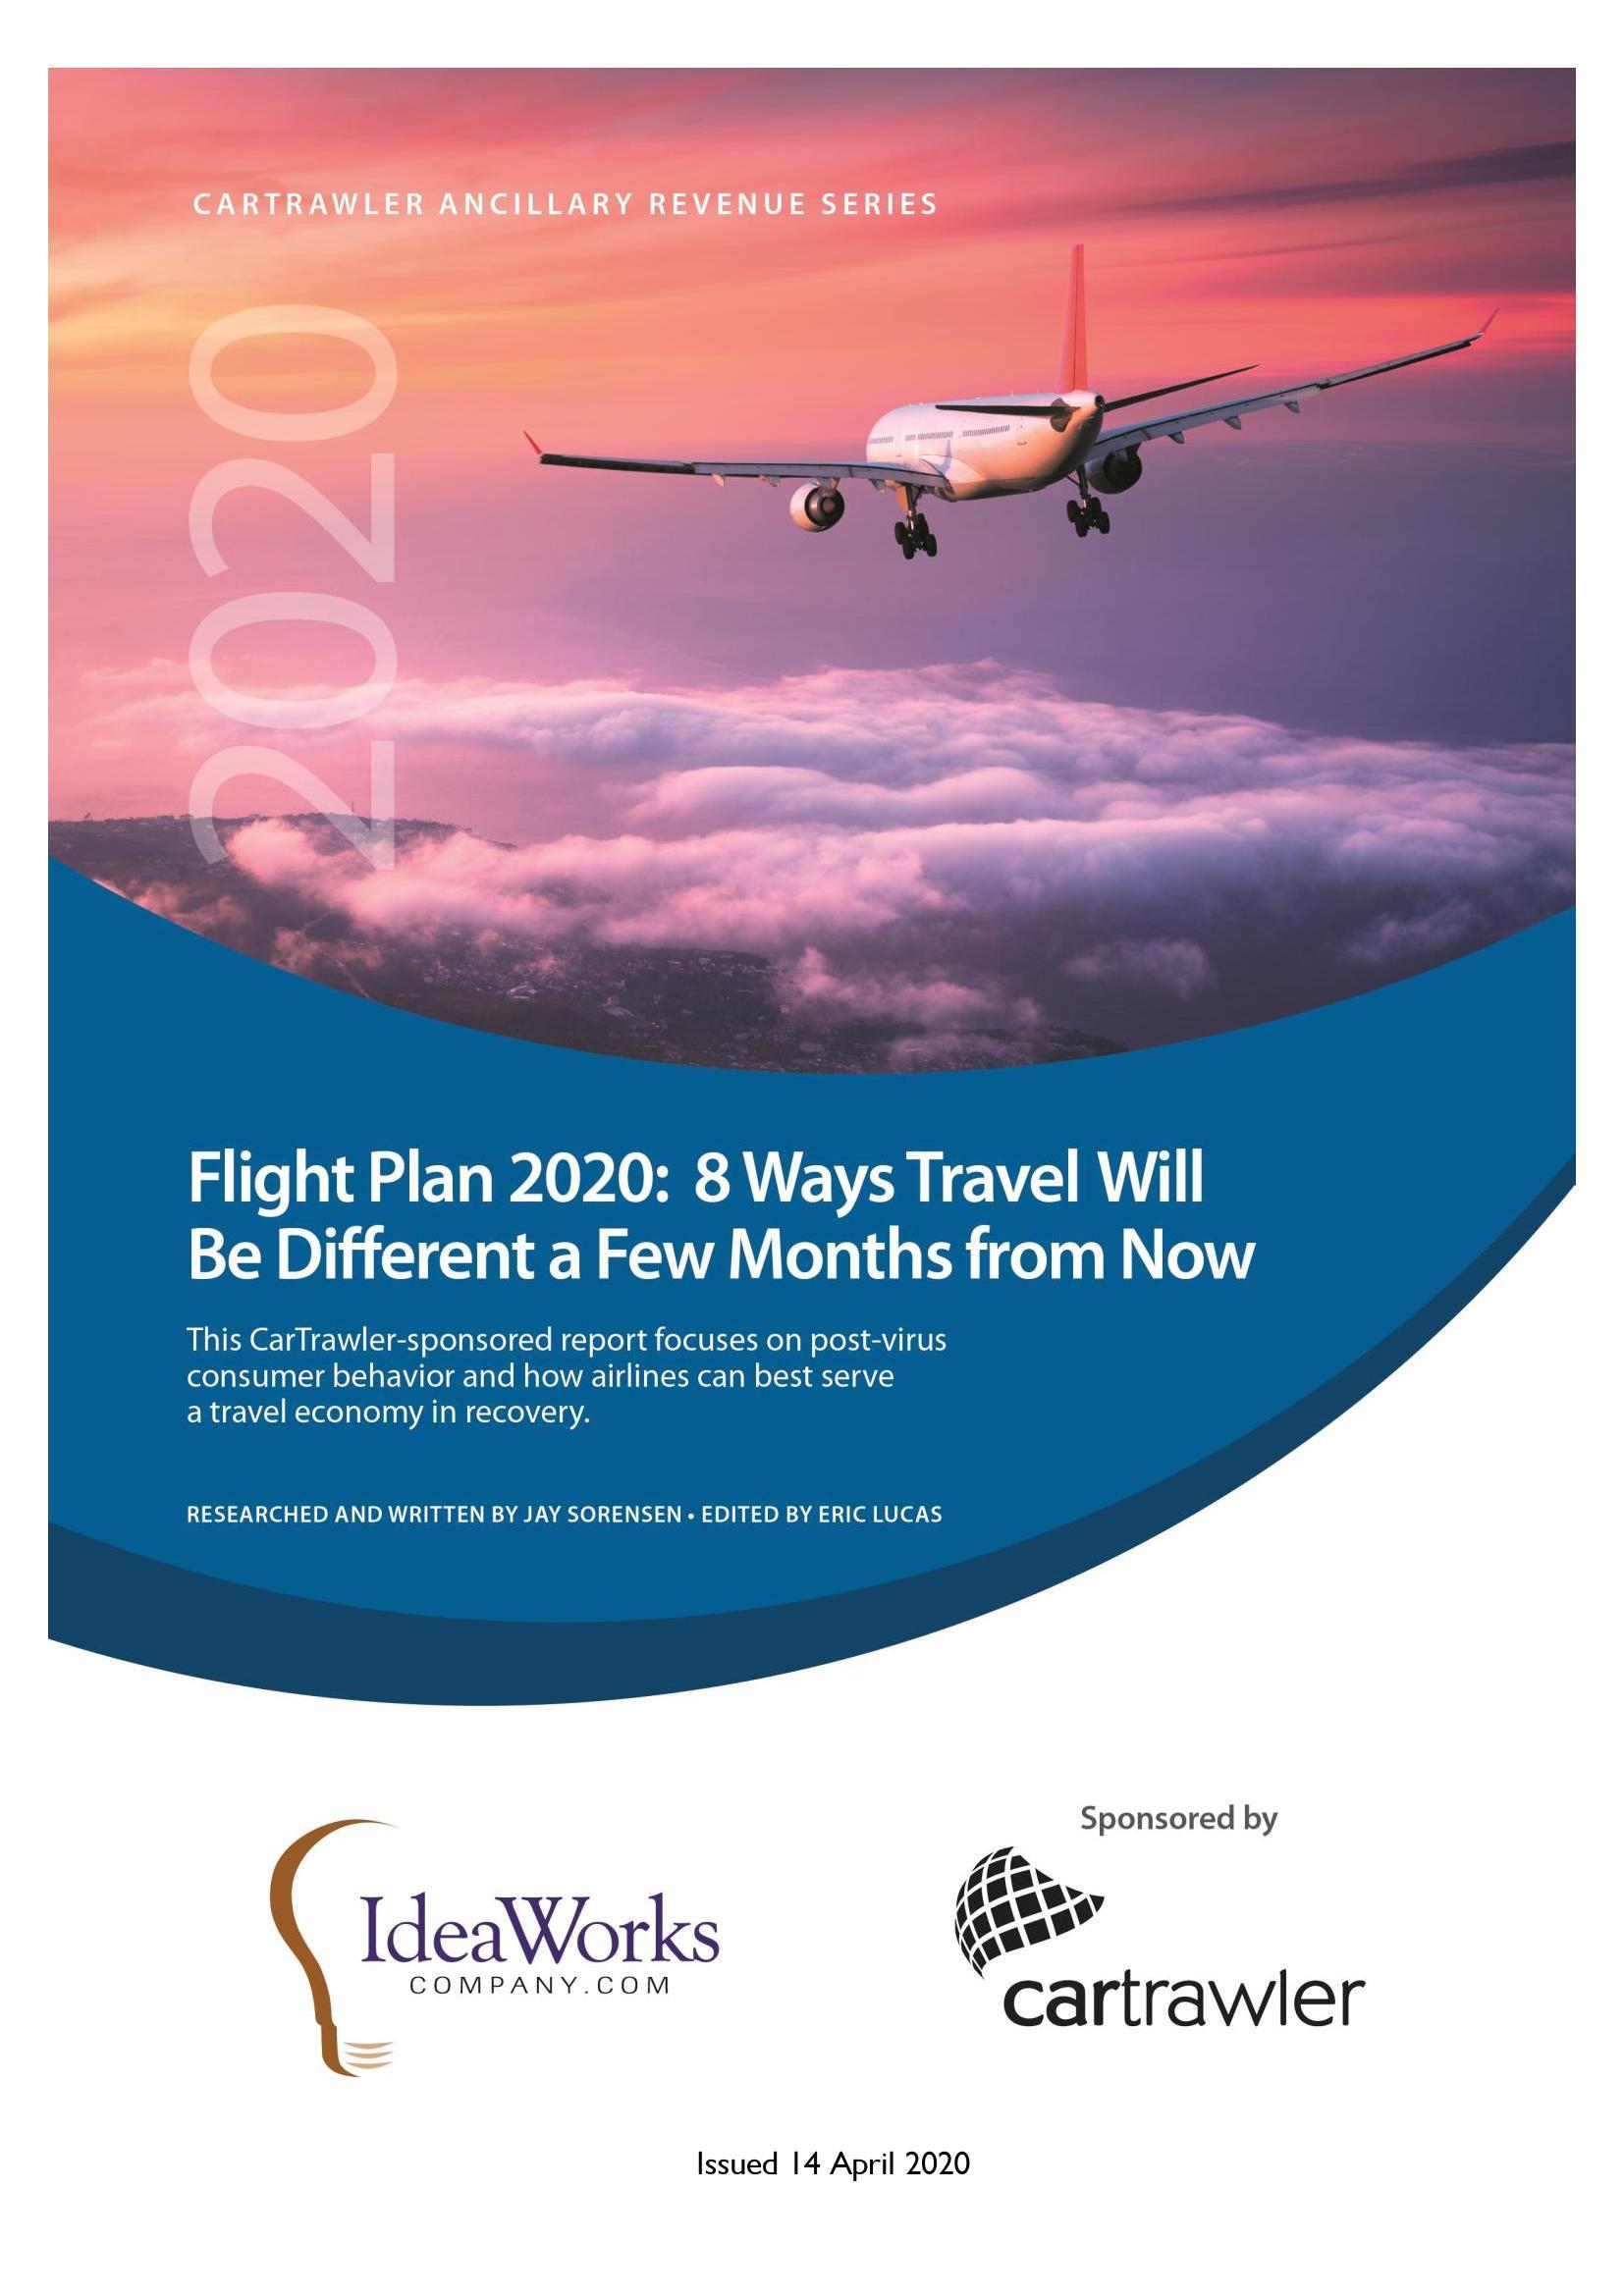 2020航空计划:未来几个月内旅游行业的8大变化趋势报告